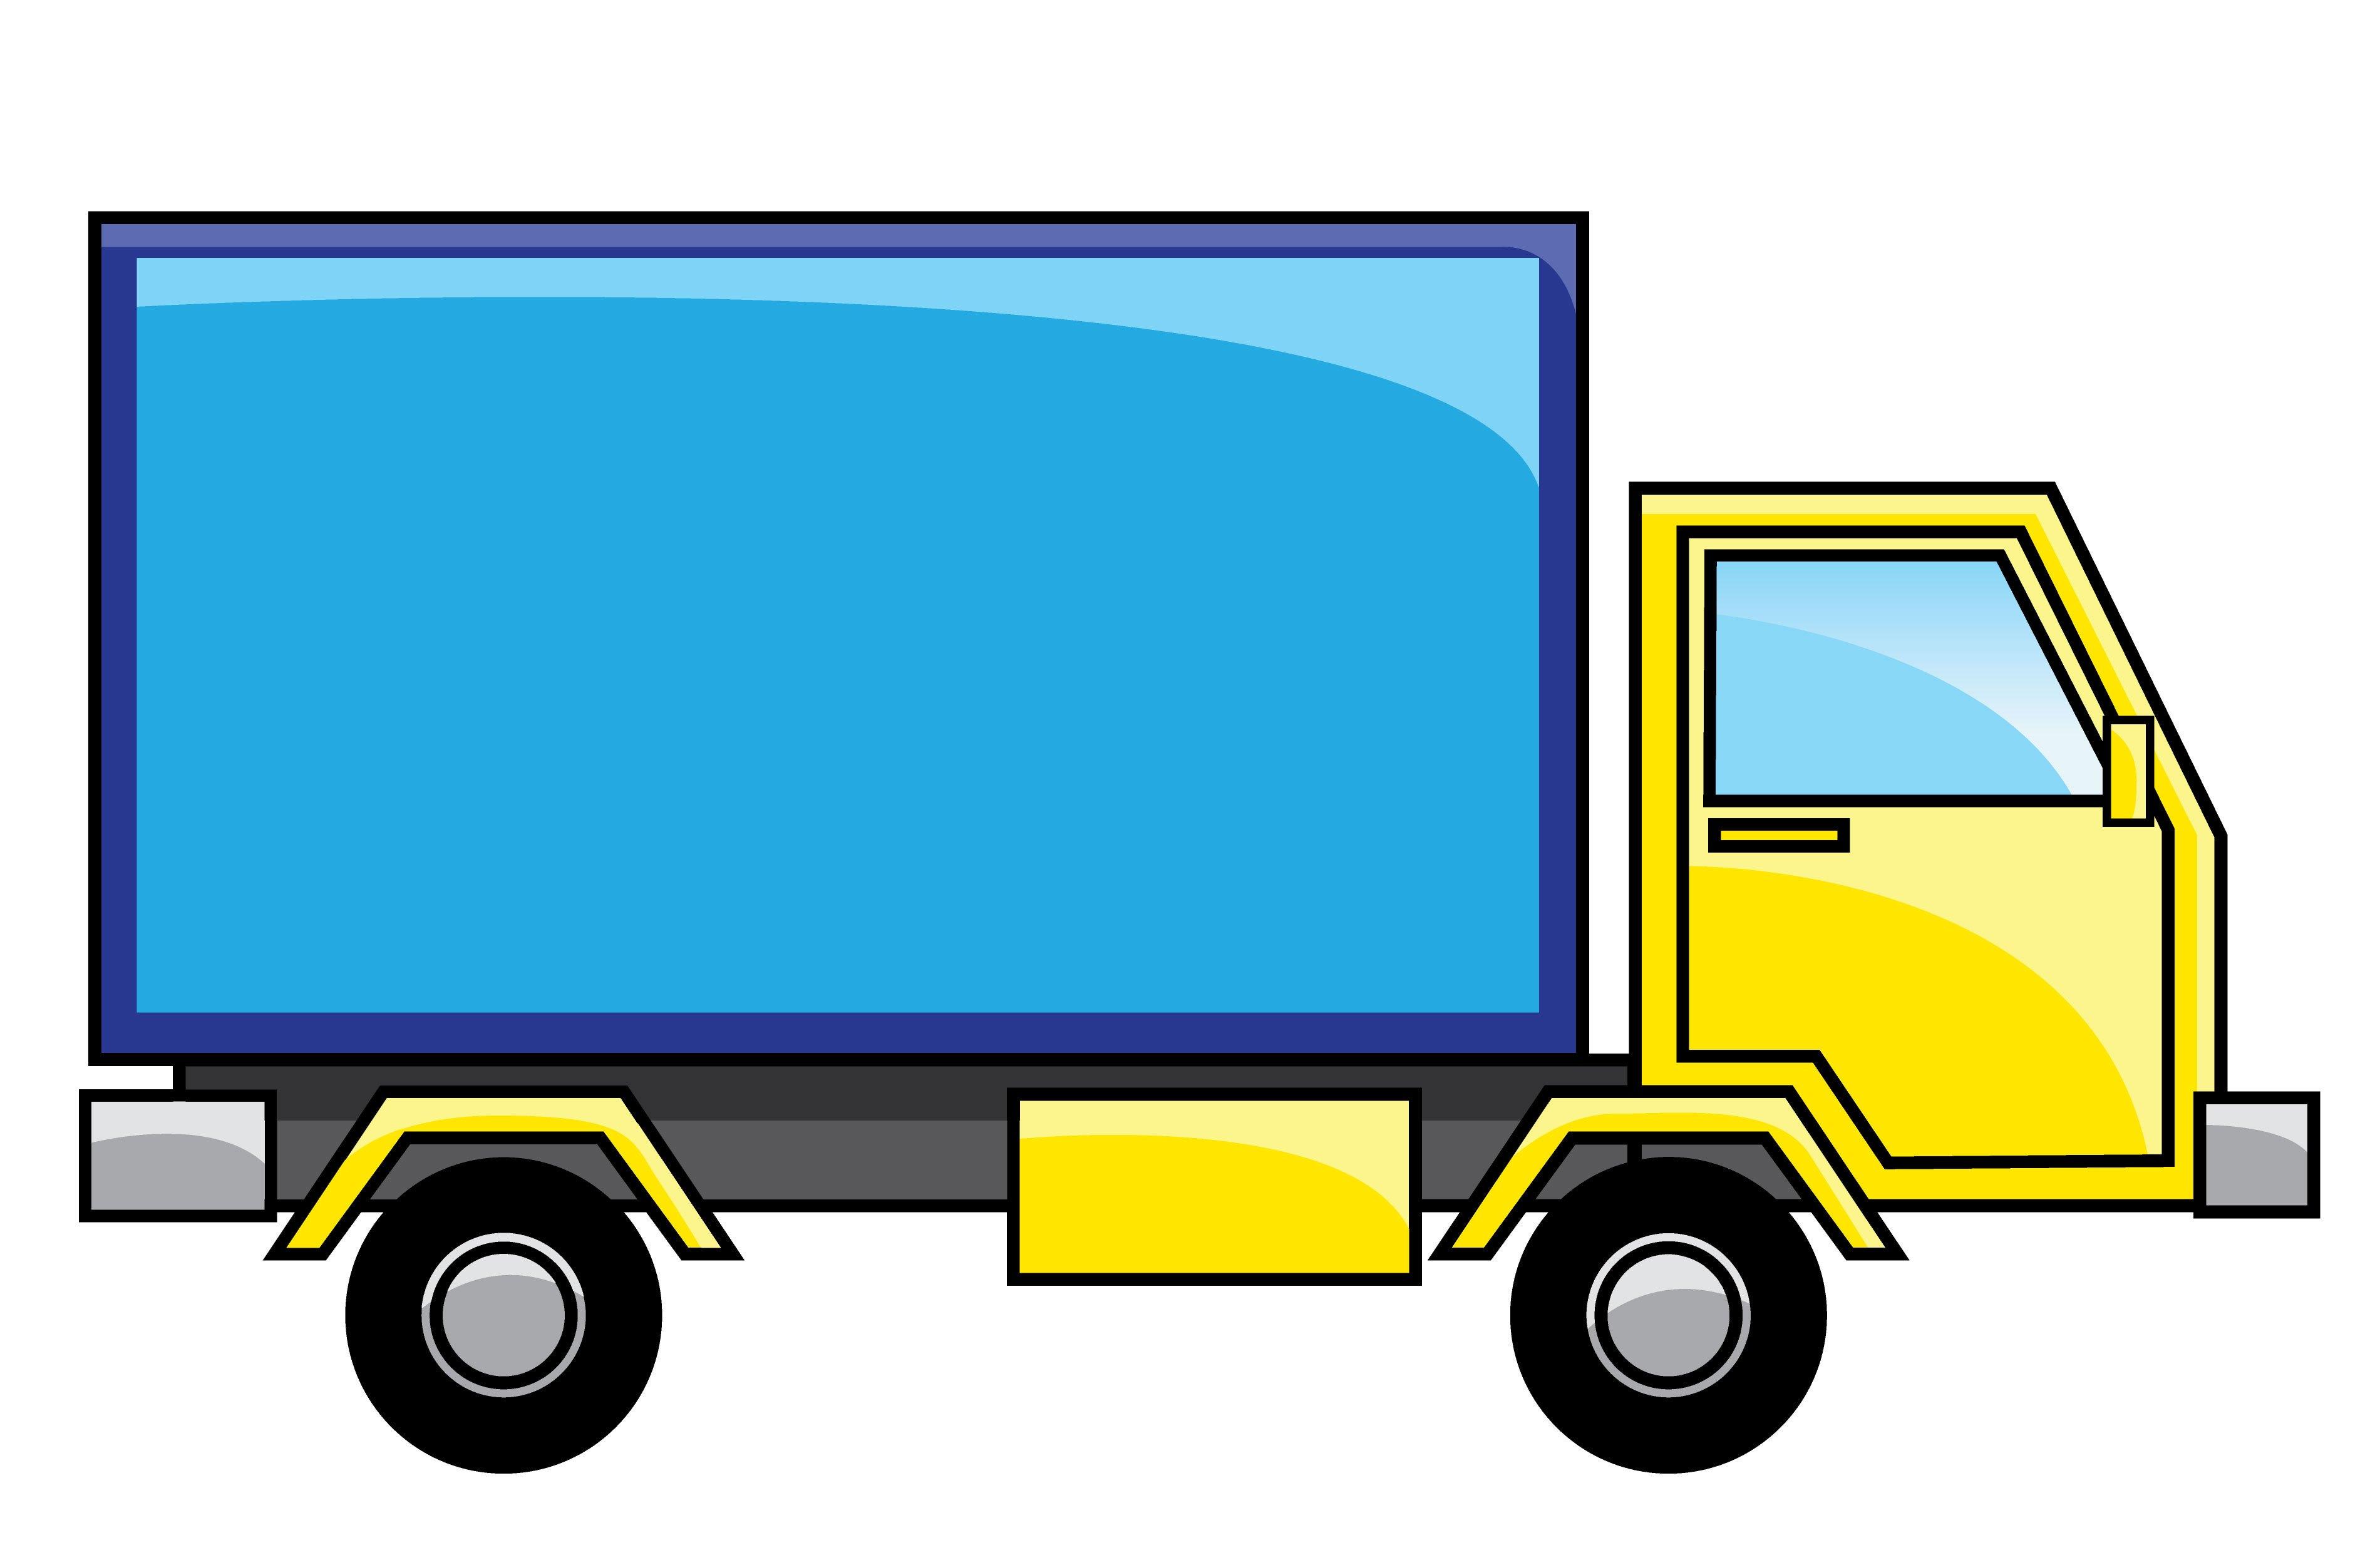 Free moving van clipart 7 » Clipart Portal.